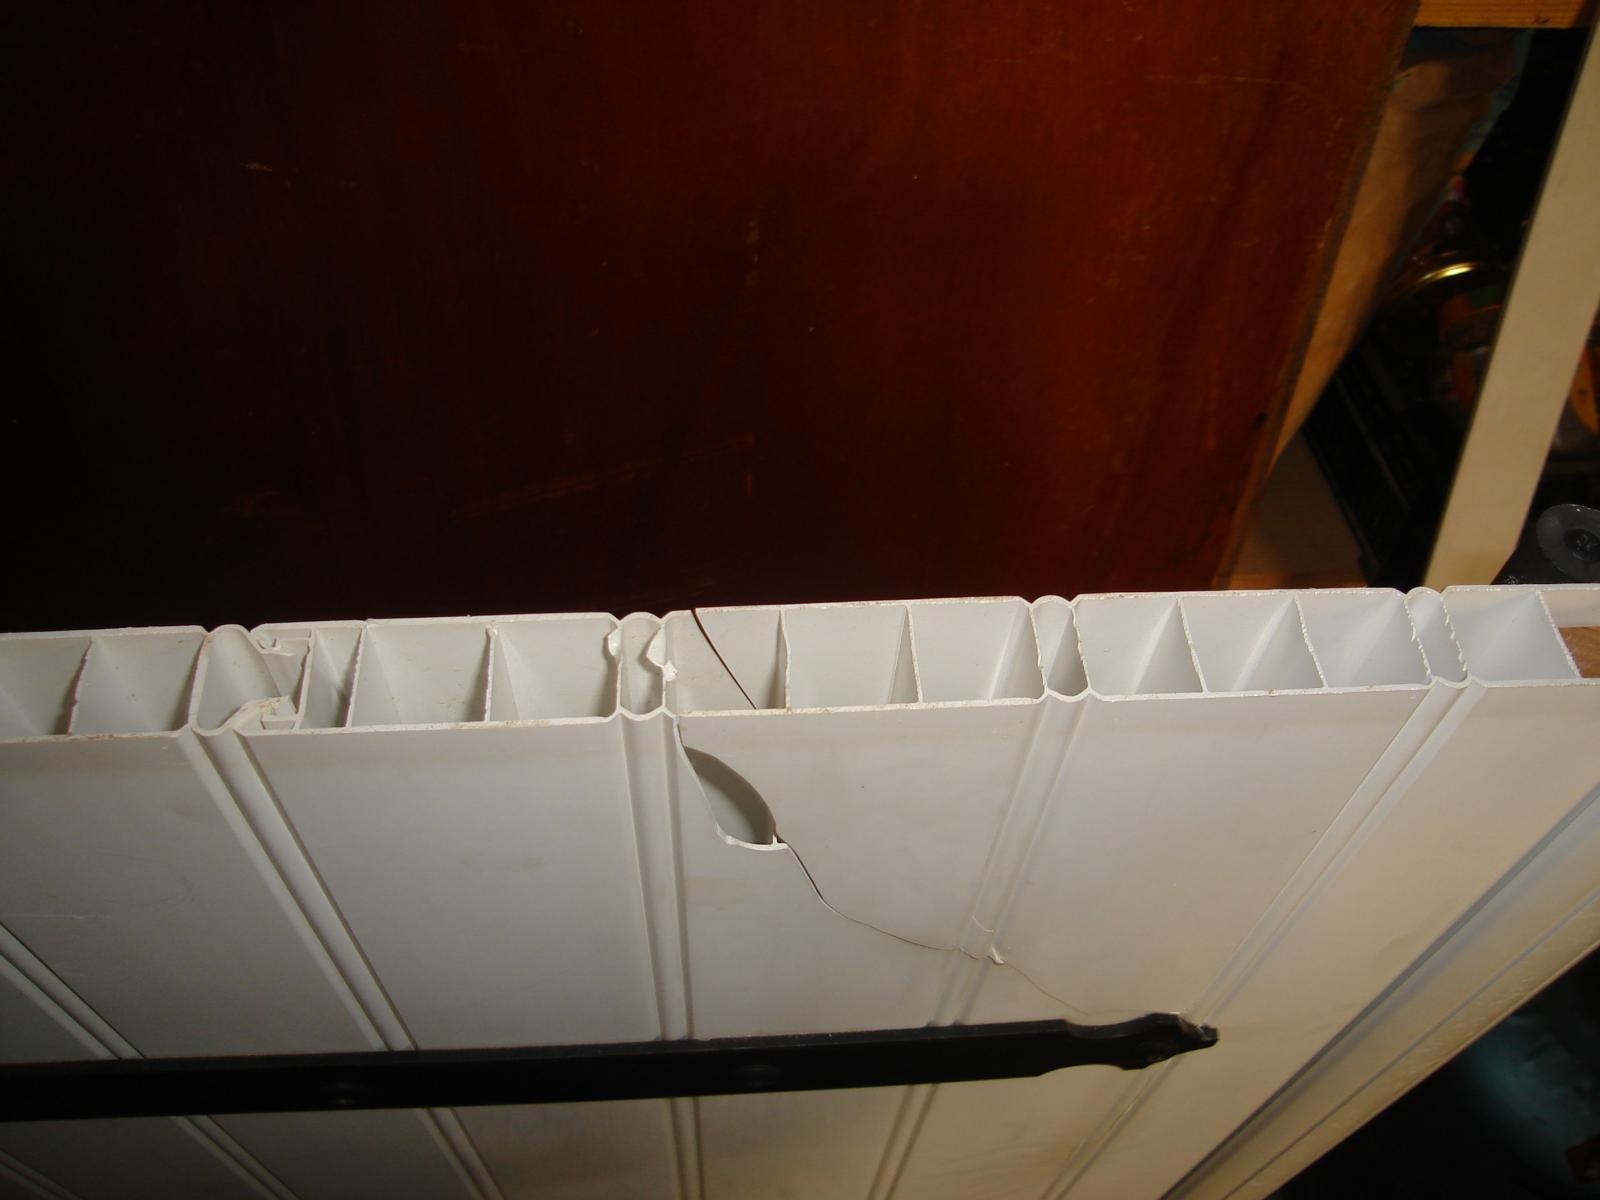 Reparer du pvc cass - Doigt coince dans une porte que faire ...